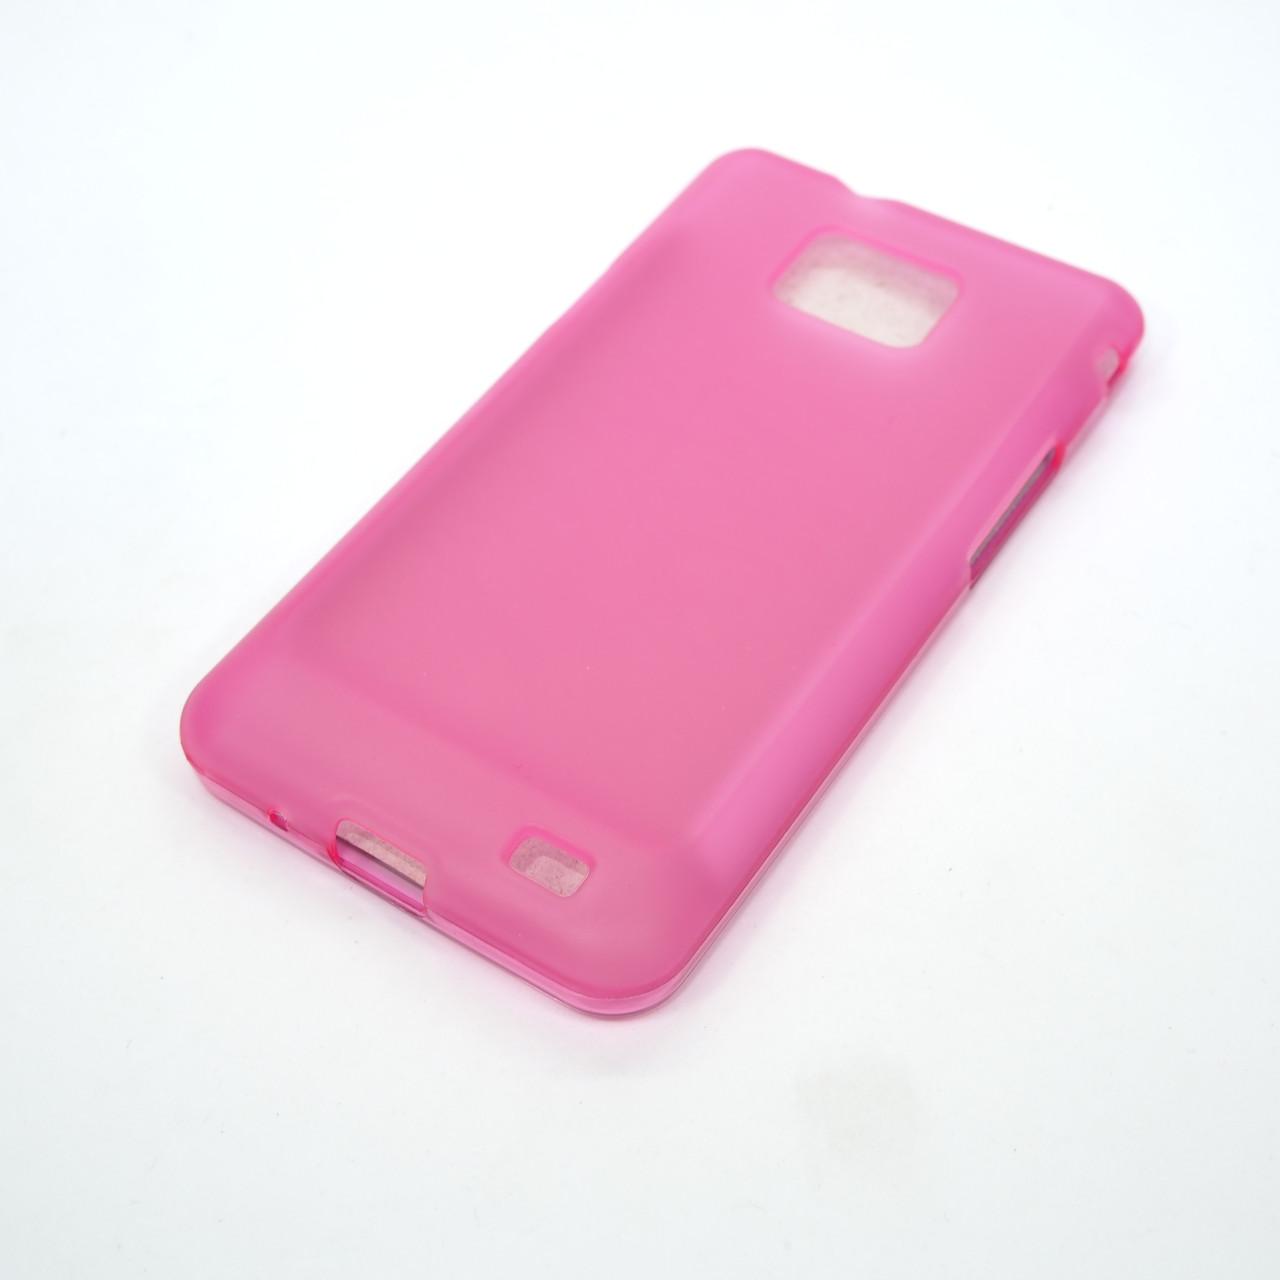 Чехлы для Galaxy S Series (остальные модели) TPU Samsung i9100 pink Для телефона S2